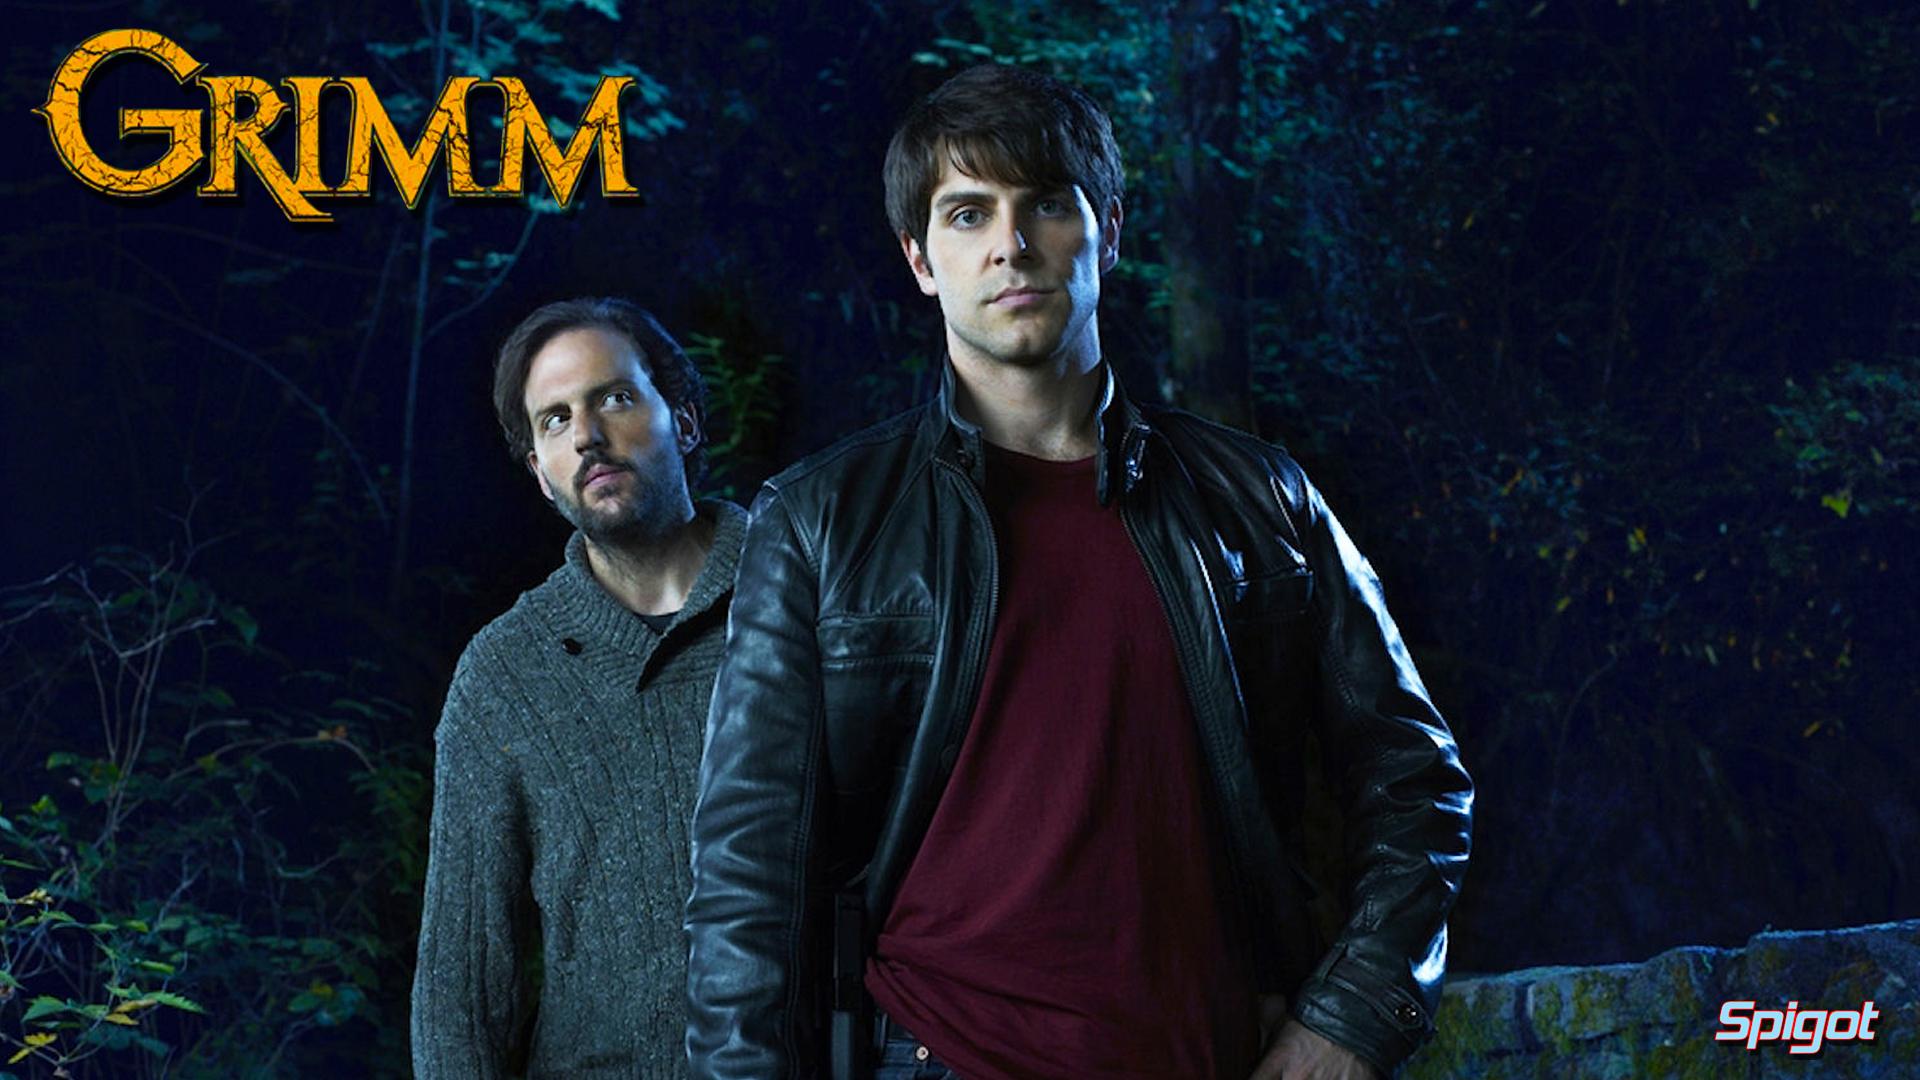 Grimm Season 1 Grimm Sneak Peek Movie HD free download 720p